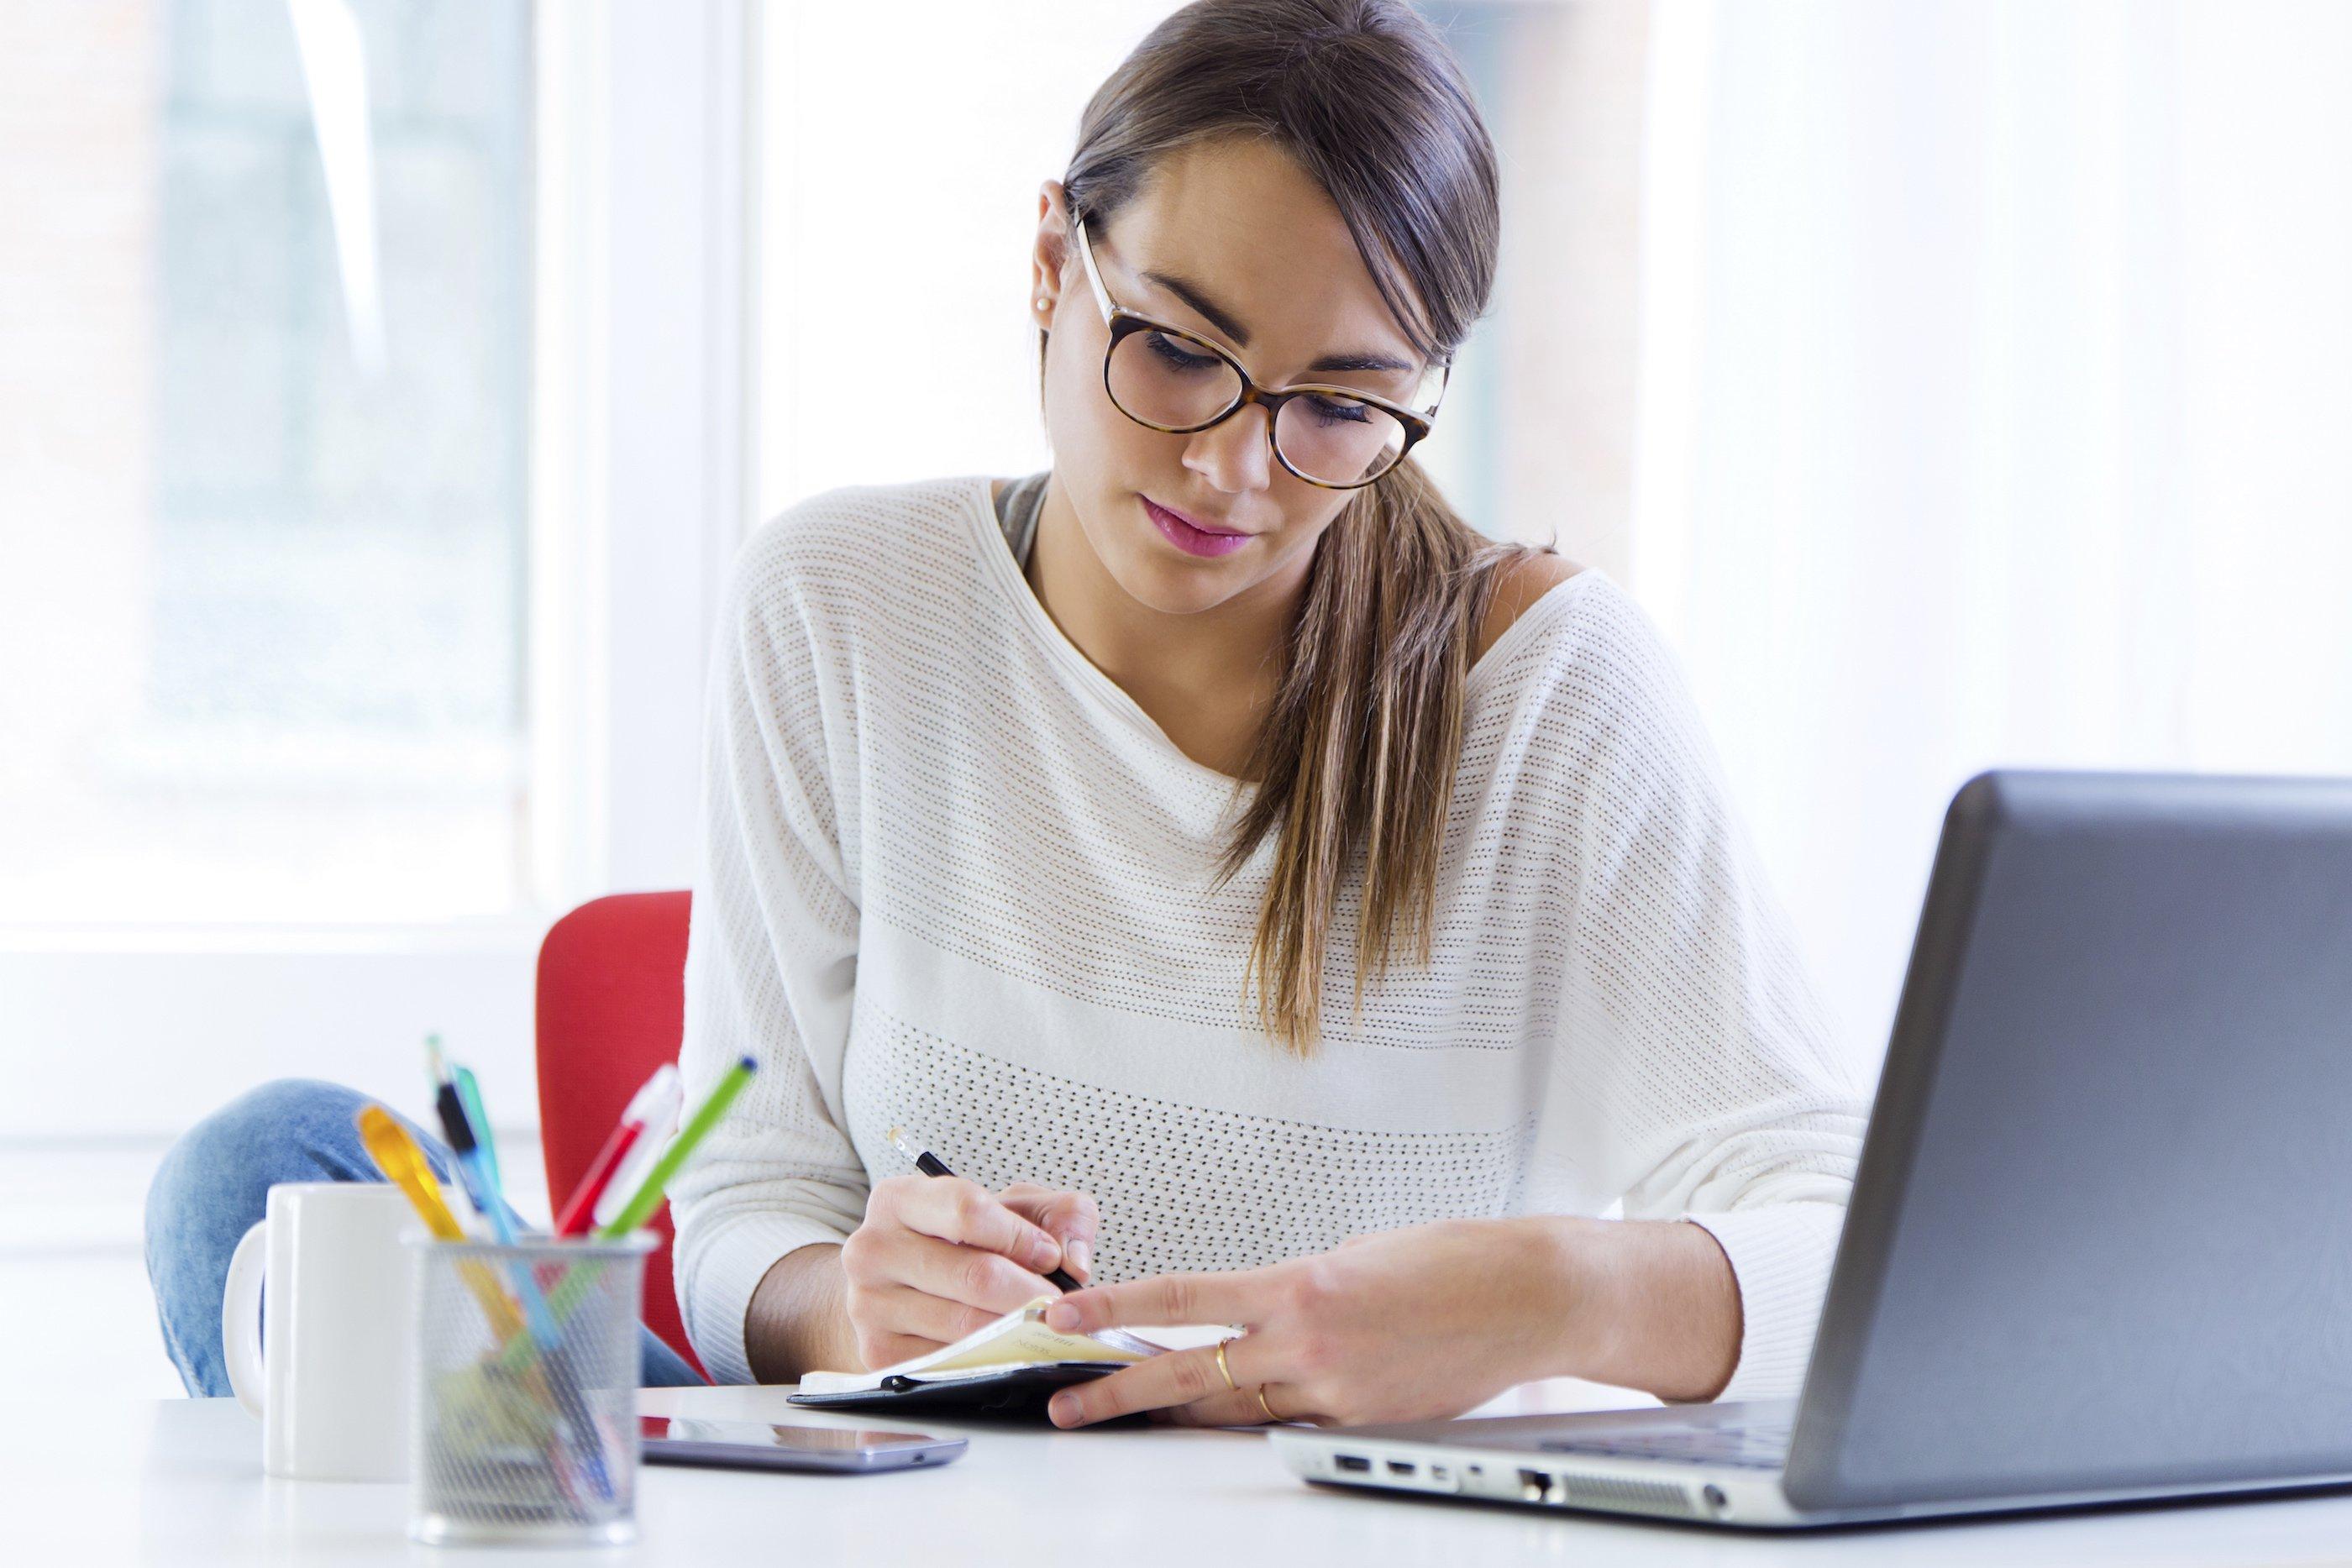 VnnewsWorld.com - Sinh viên cần chuẩn bị như nào trước khi tìm được việc